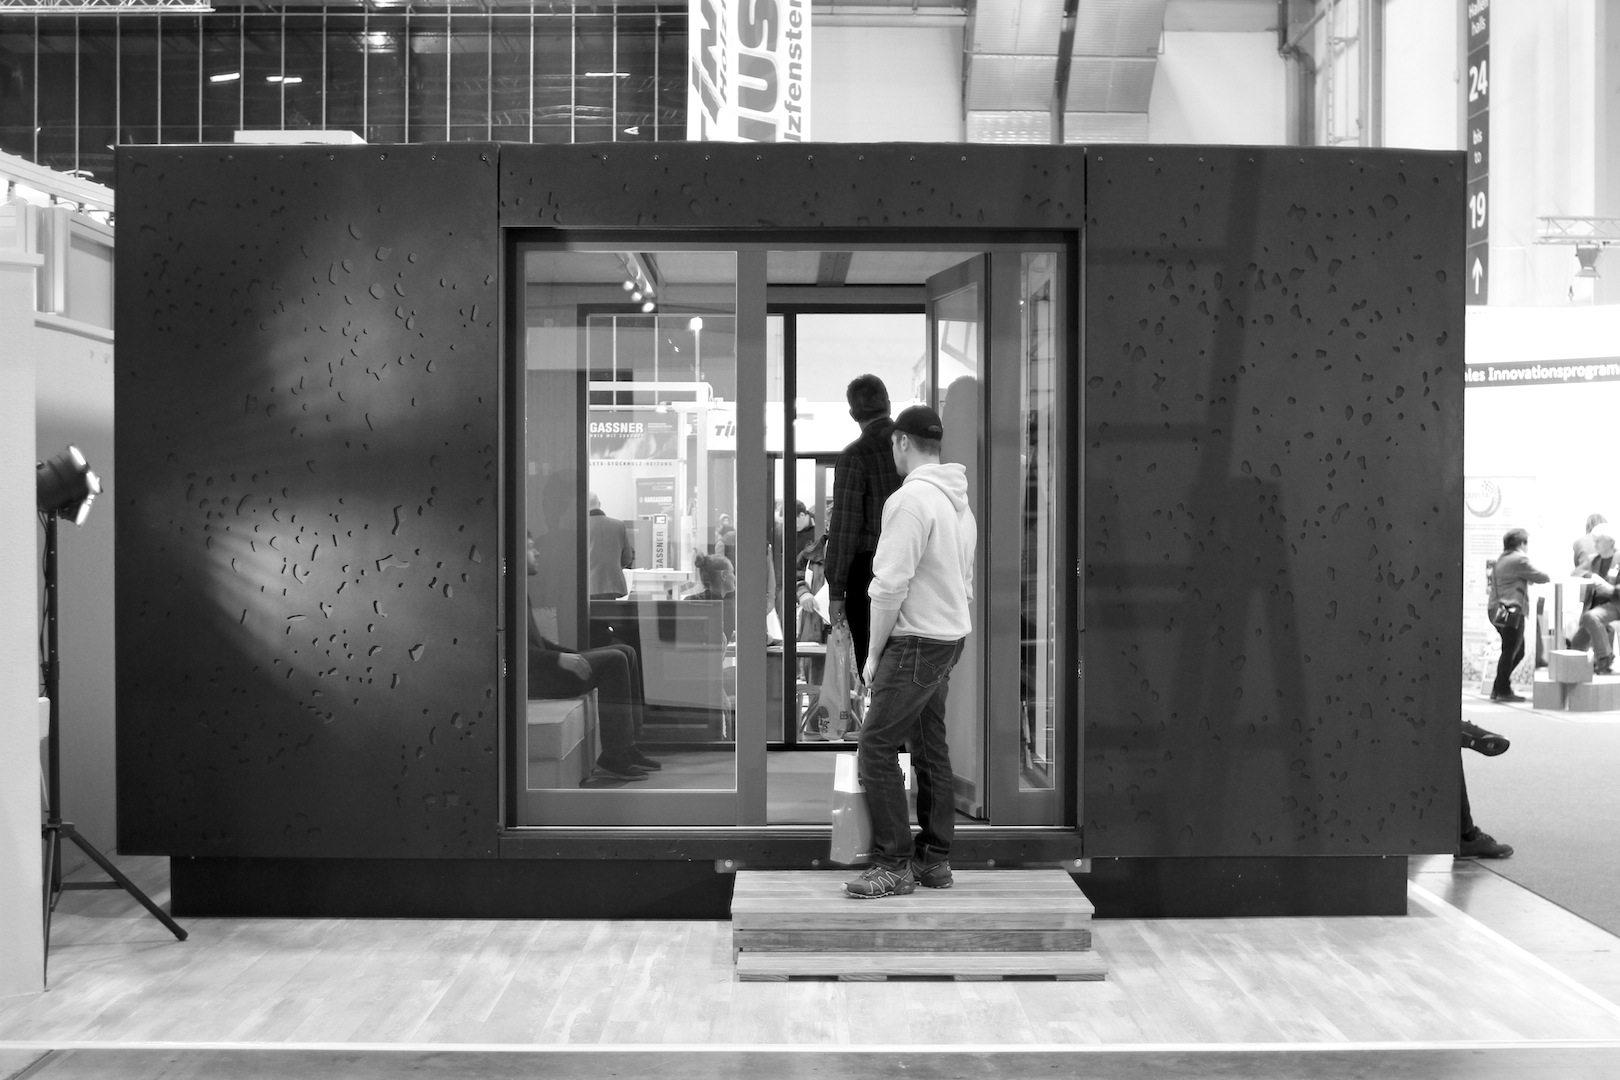 Das Schrankhaus.  Ein Projekt der FH Potsdam in Zusammenarbeit mit der HNE Eberswalde und der Firma Müller-Zeiner. Hülle und Interieur sind in modularer Bauweise konzipiert, um eine hohe Mobilität der Micro-Architektur zu gewährleisten. Das CNC-gefräste Muster der Fassade ist der offenporigen Oberfläche eines geschliffenen Vulkangesteins nachempfunden. Oberflächenmaterial: hochverdichteter Faserverbundwerkstoff.